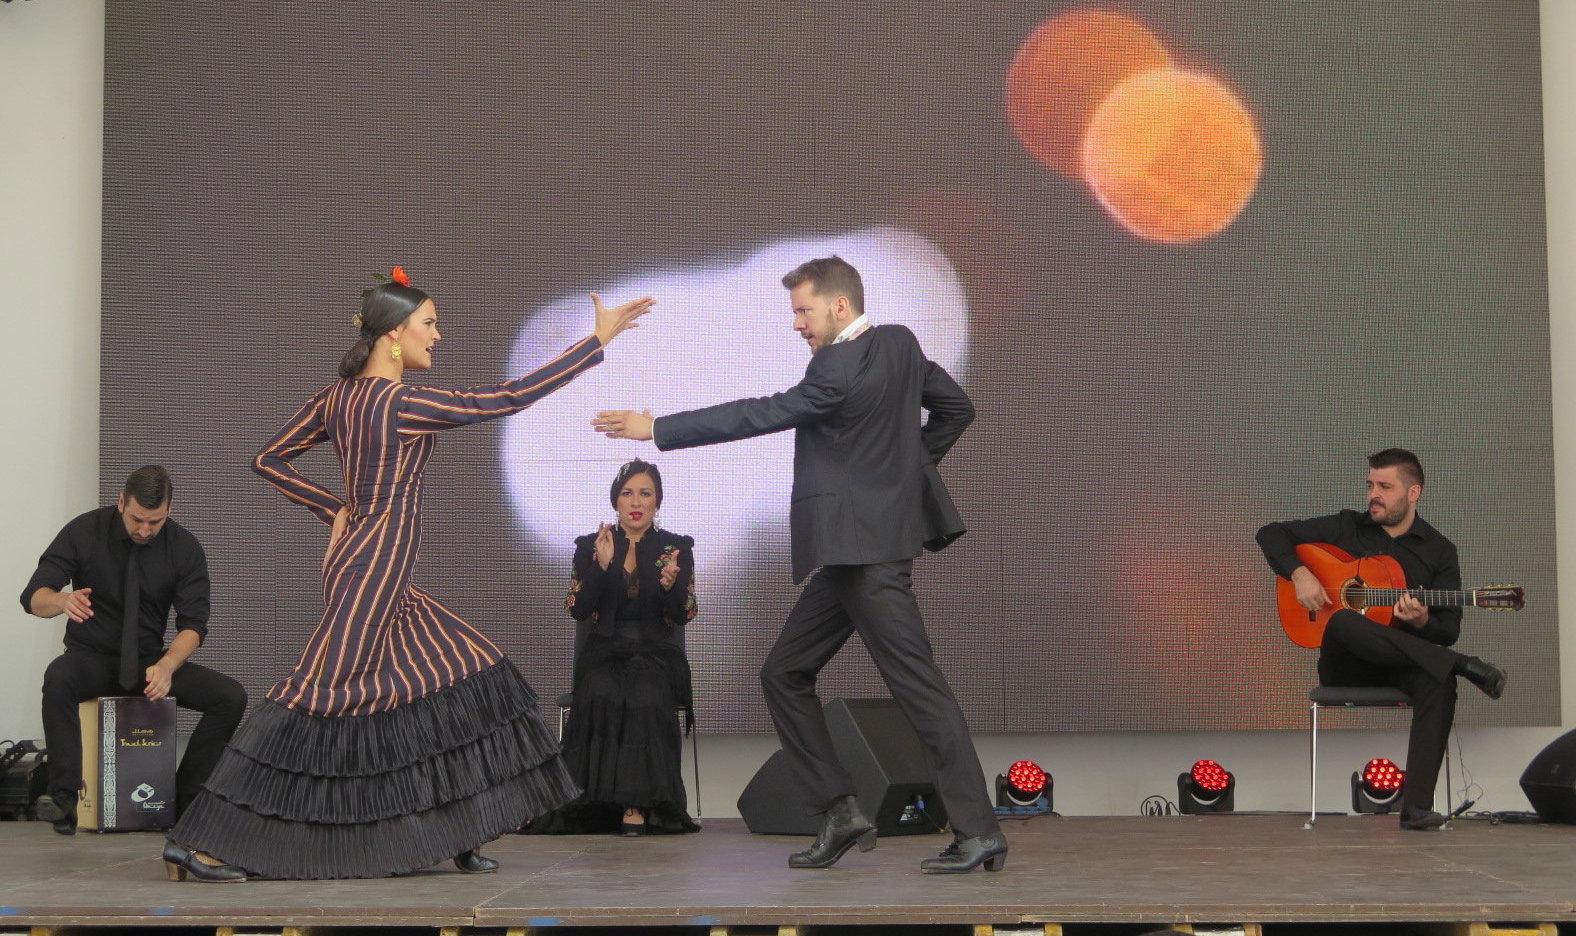 Лусия Мигель и Хосе Мальдонадо танцуют фламенко в ходе национального дня Испании